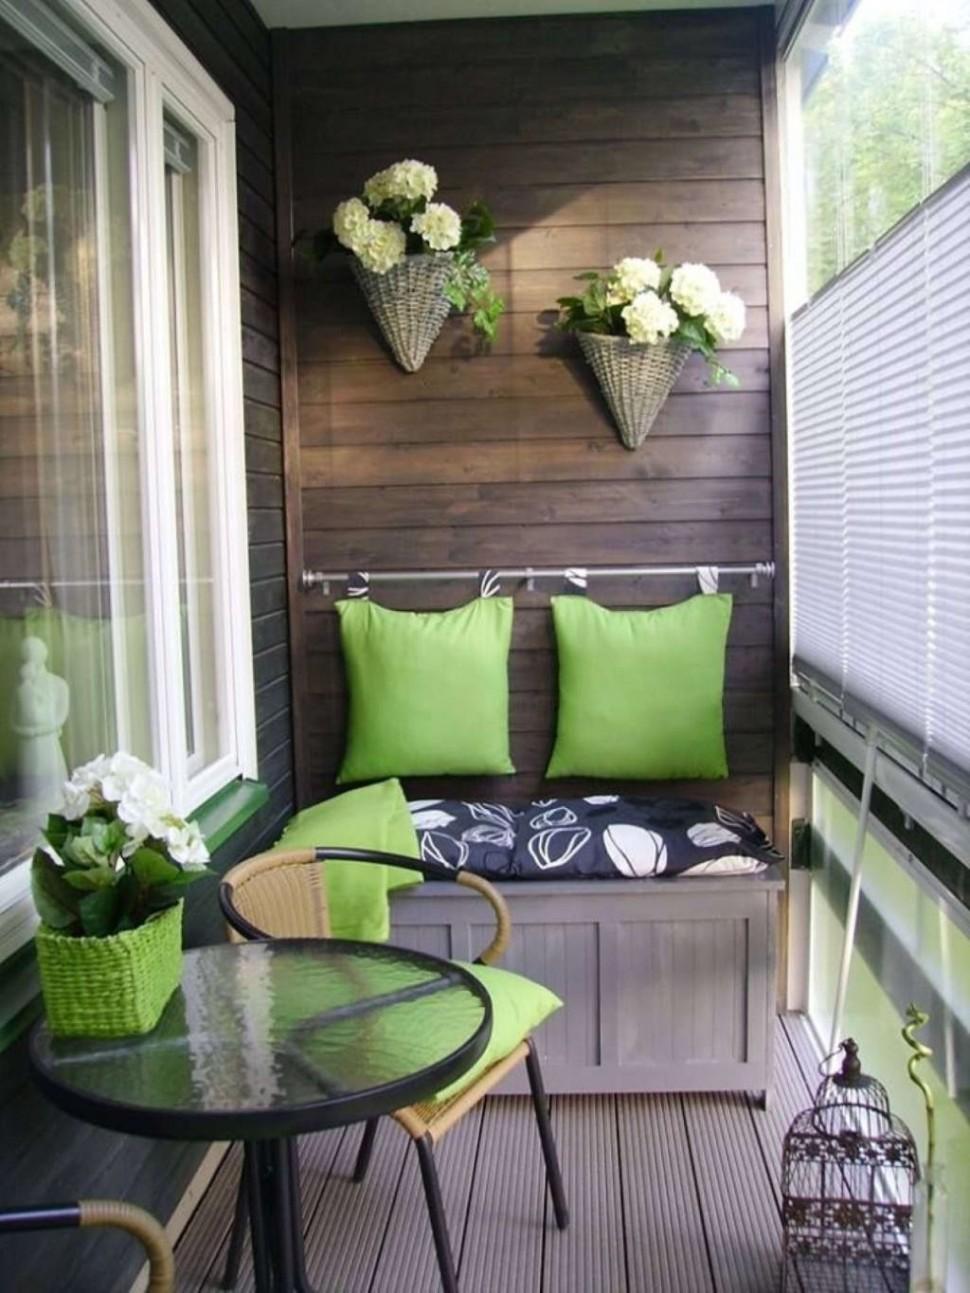 Интерьер маленького балкона (фото) дизайн небольшой лоджии р.